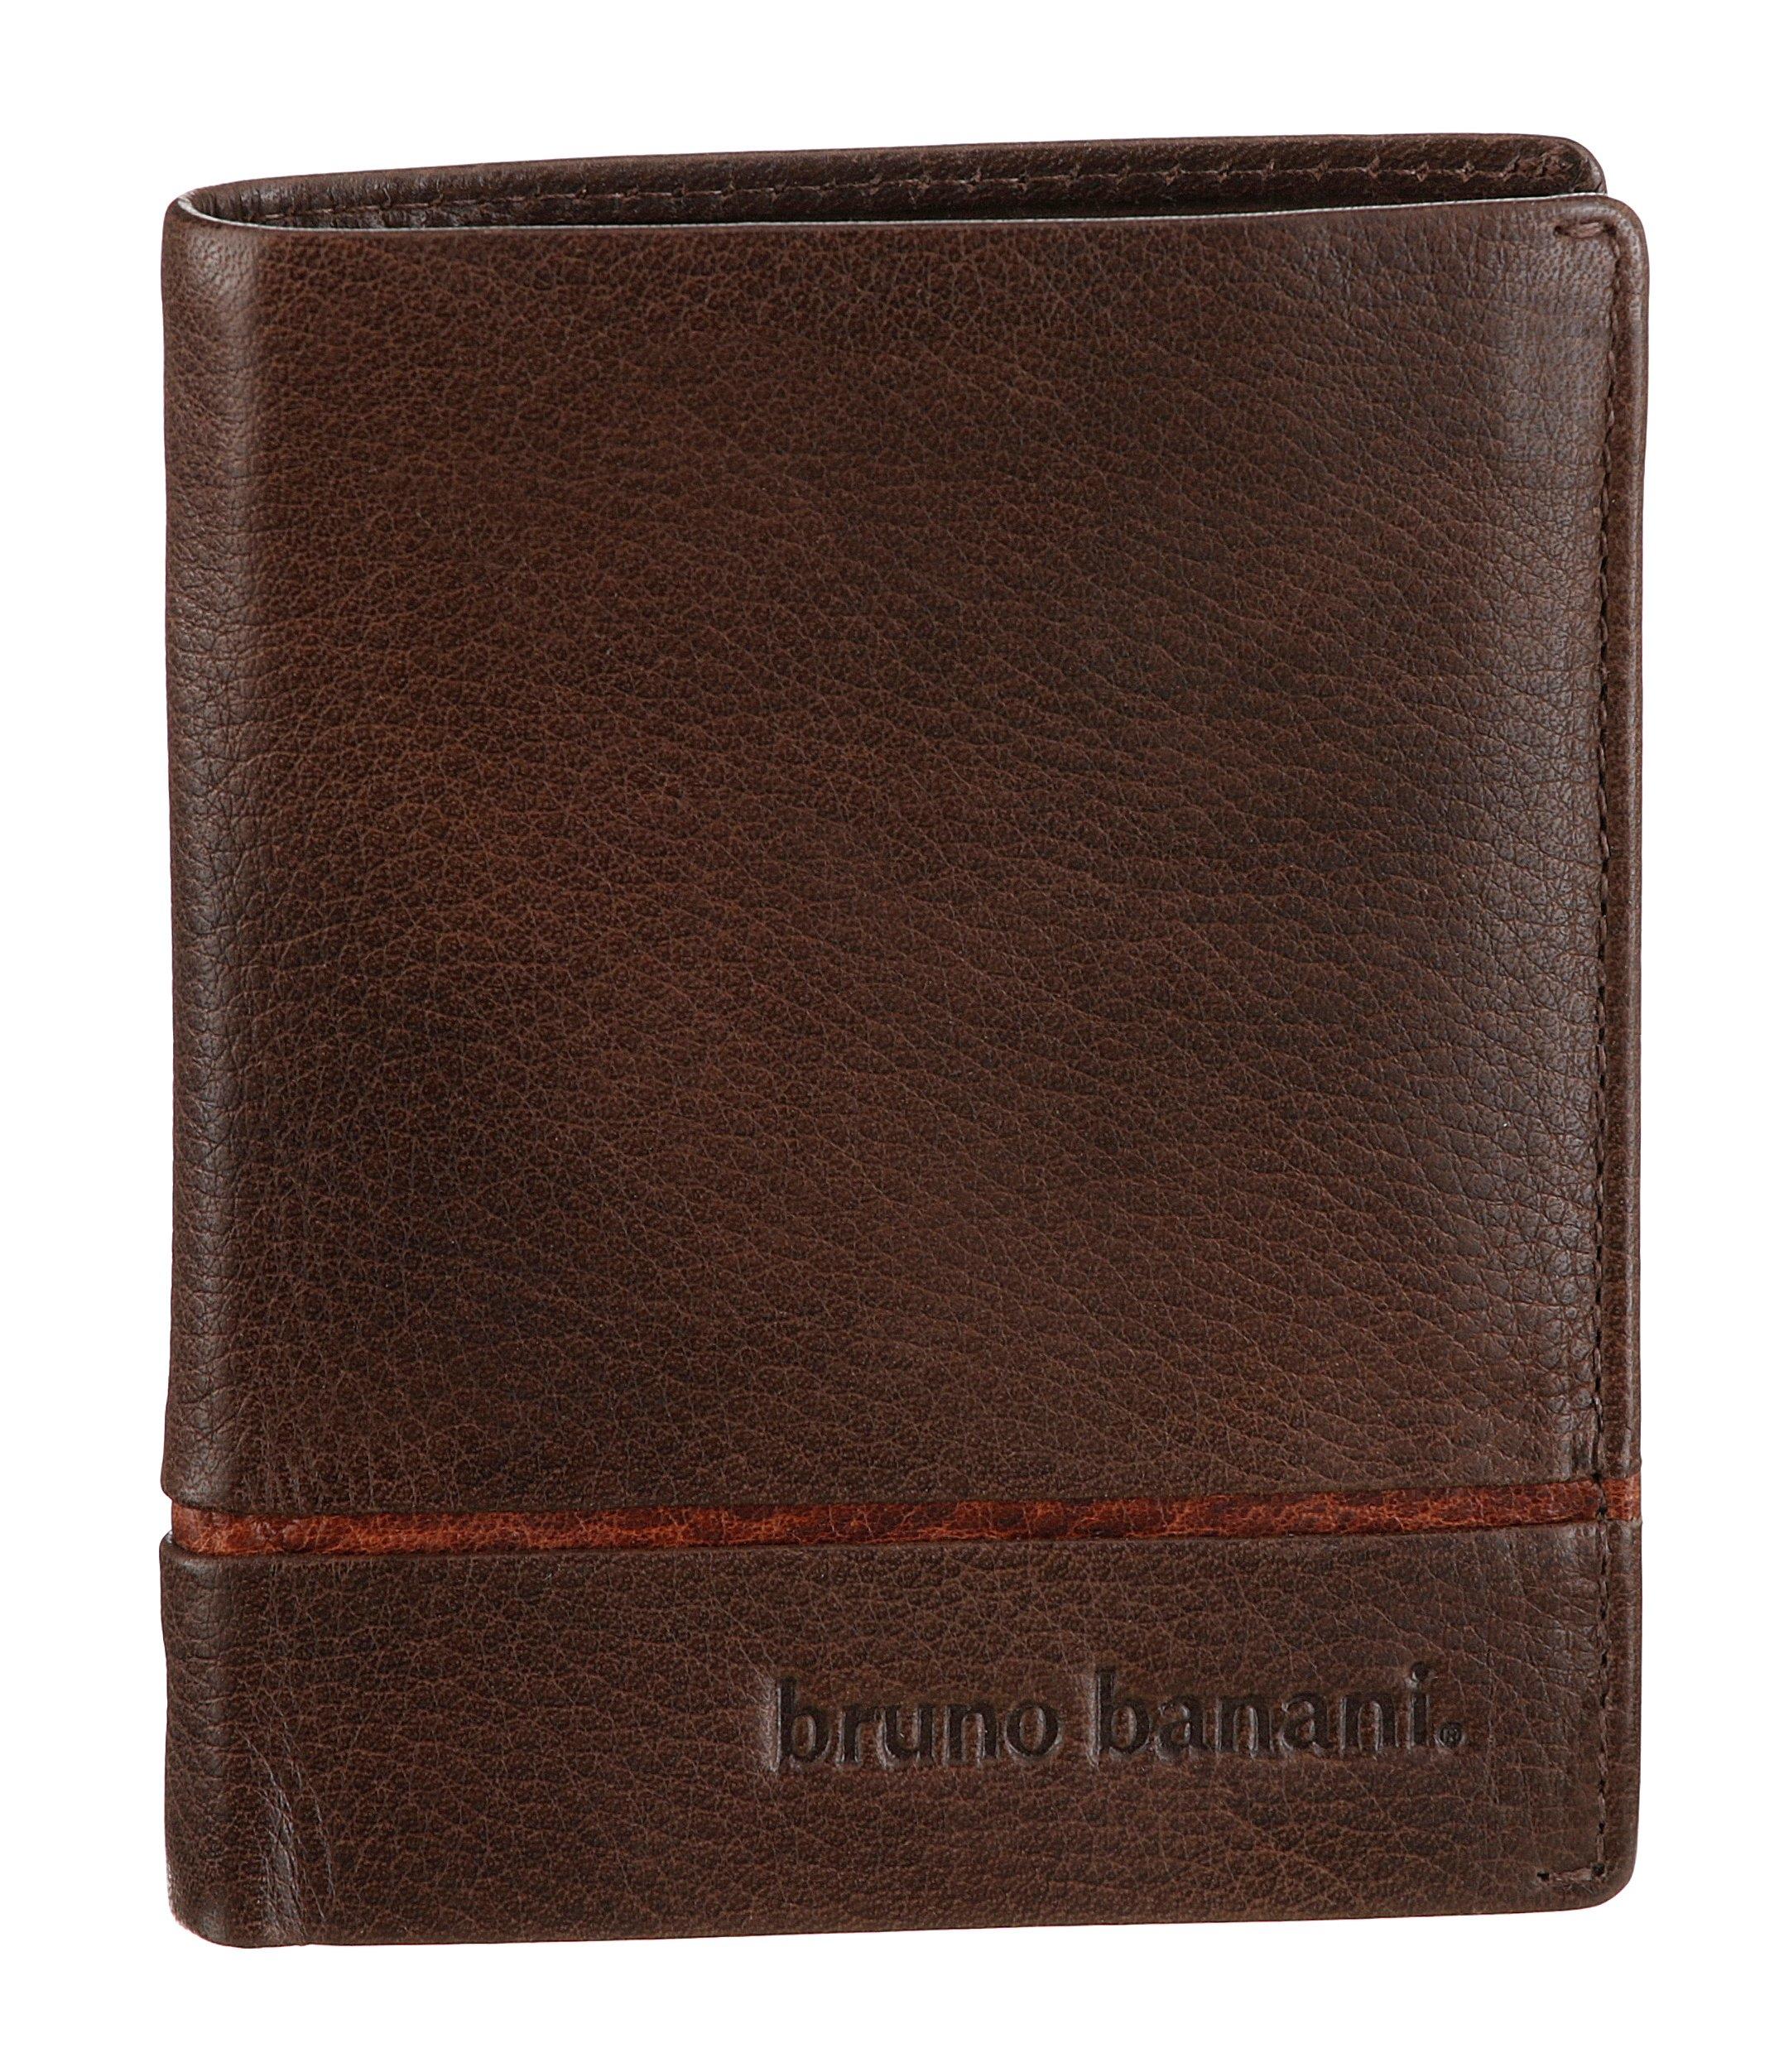 Bruno Banani Portemonnee van leer in lengteformaat online kopen op otto.nl